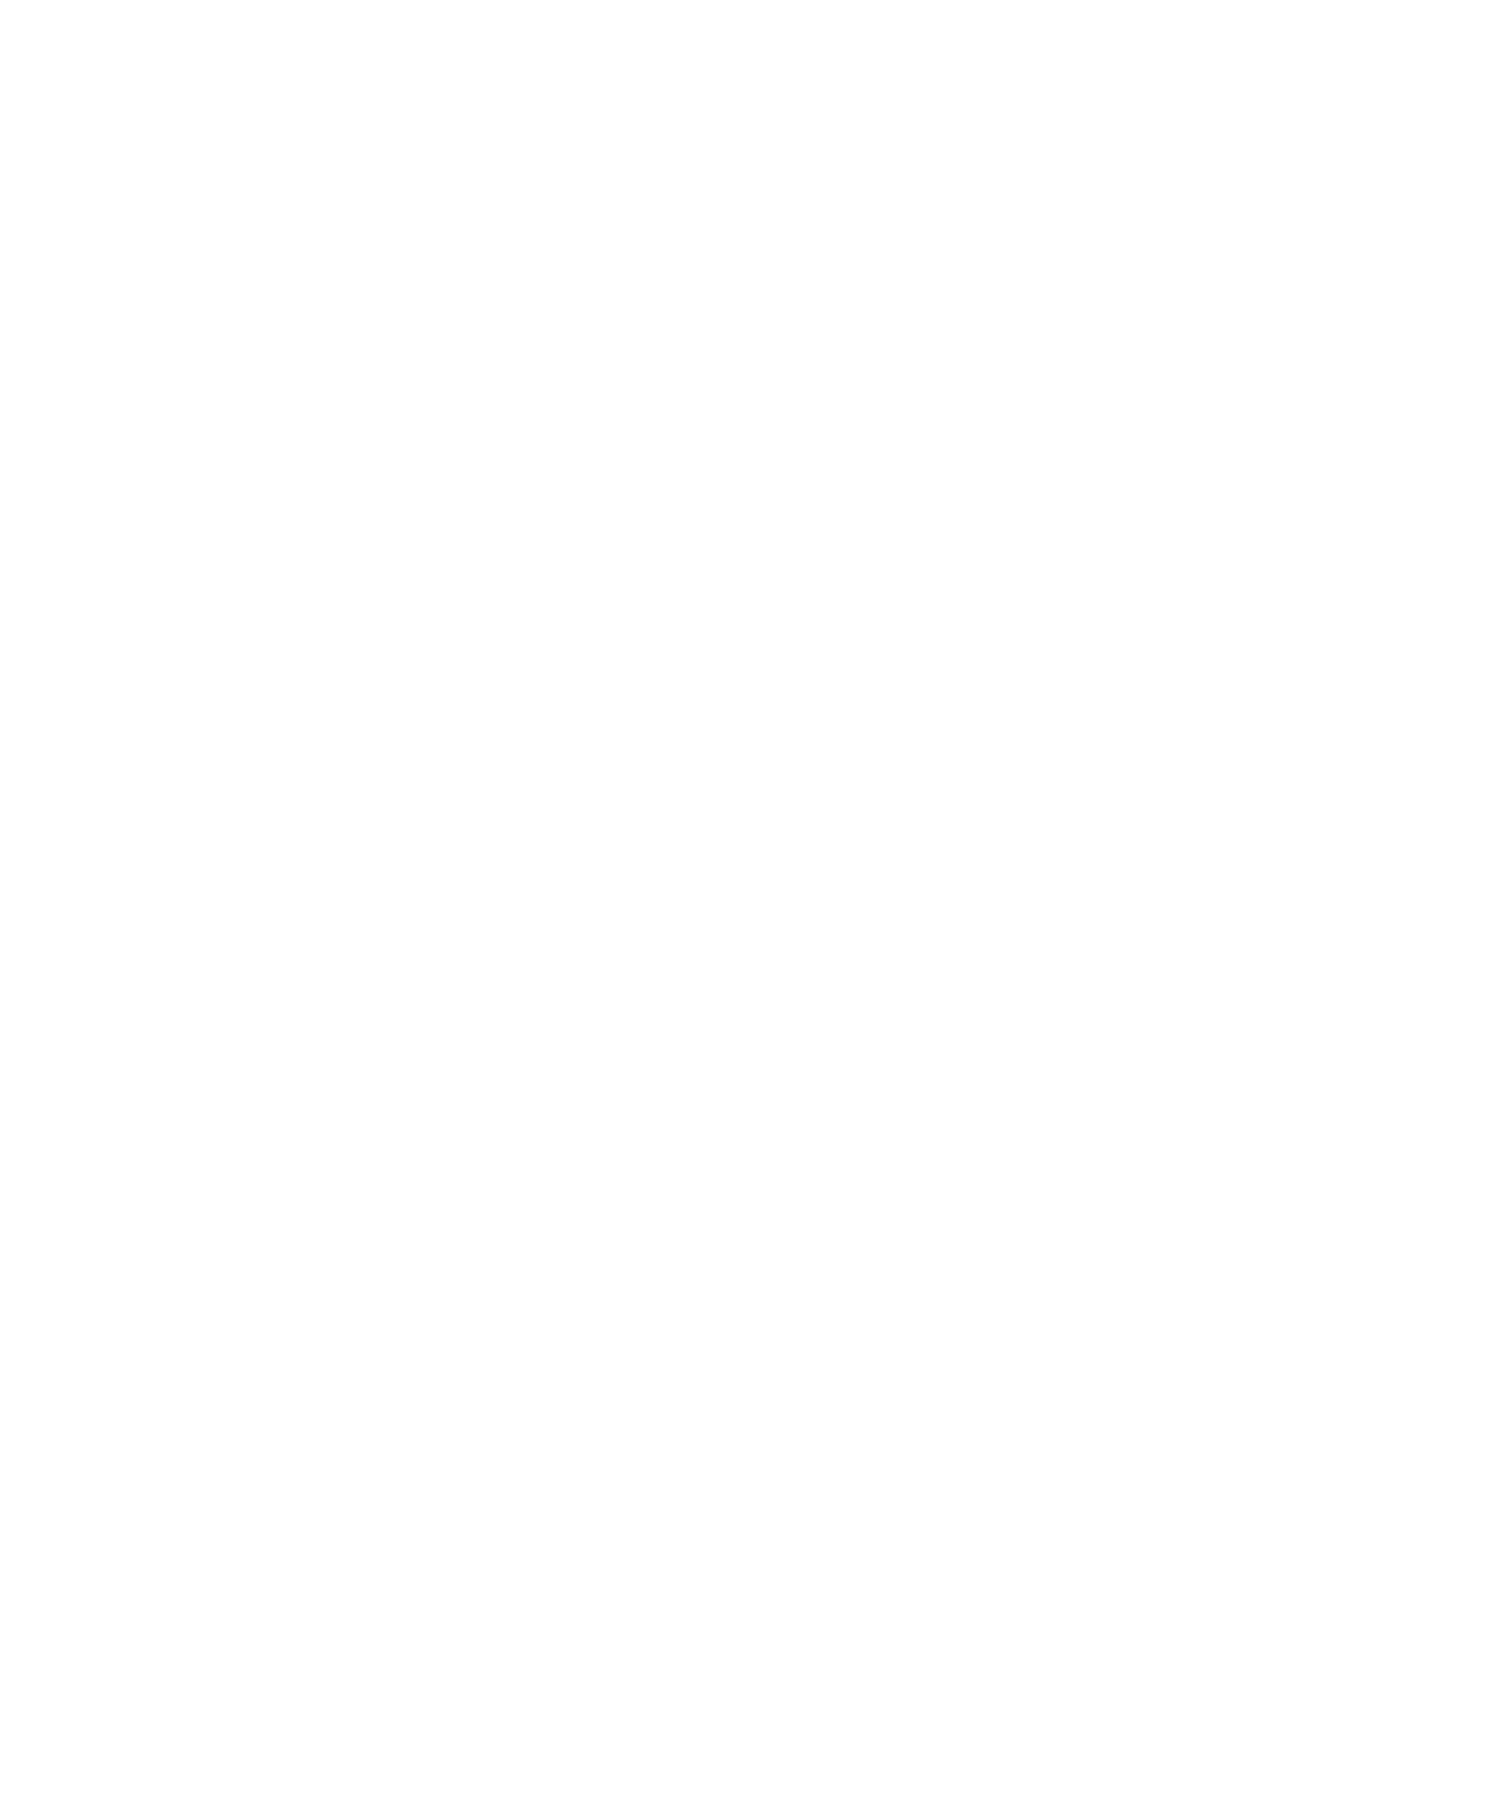 COLLAGE GALLARDAGALANTE(コラージュ ガリャルダガランテ) 大人気!追加予約【上品に軽快に】ドルマンジョーゼットブラウス